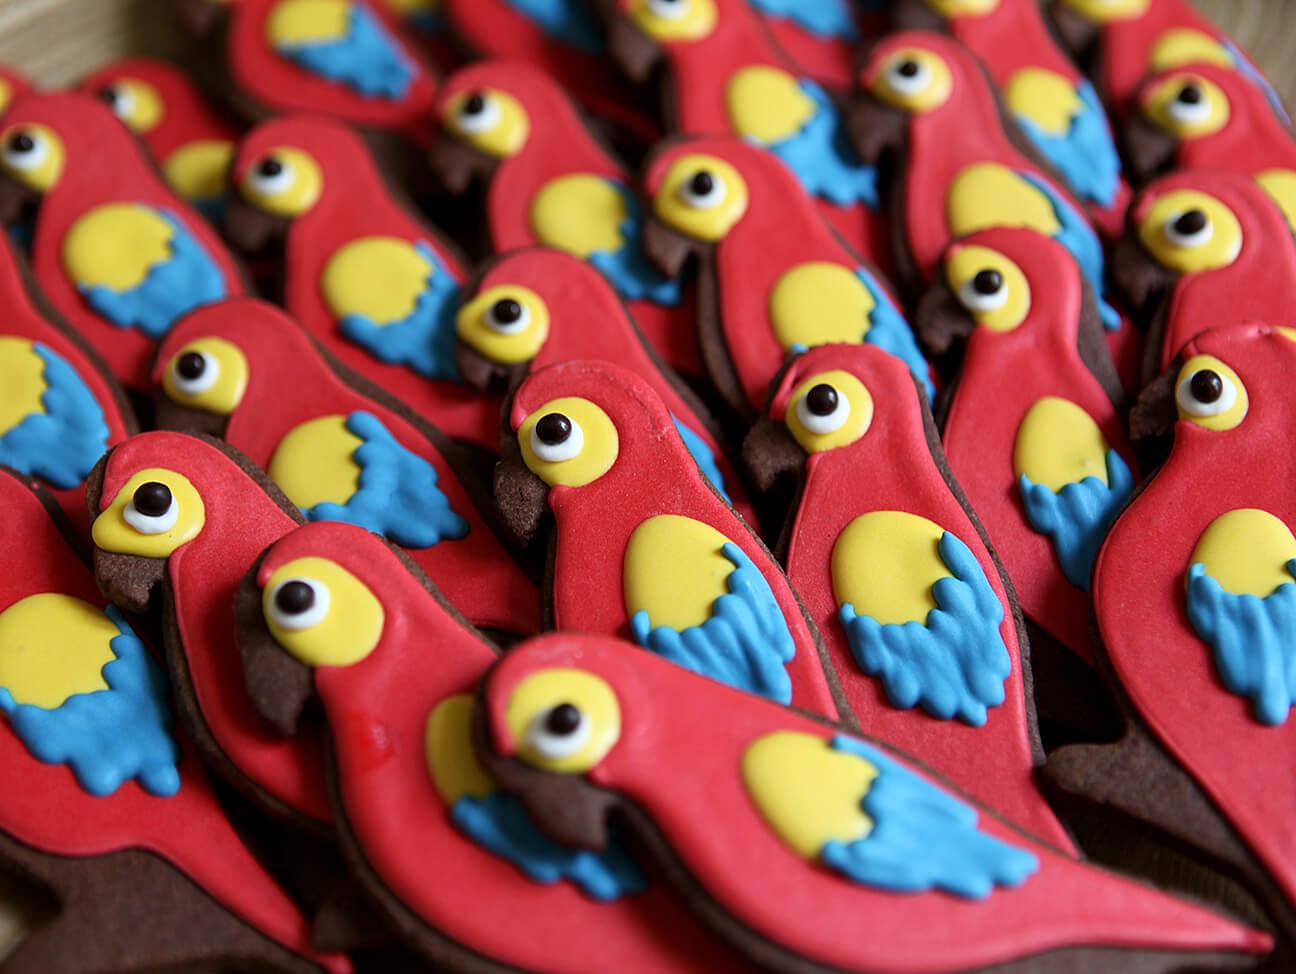 sable-perroquet-chez bogato